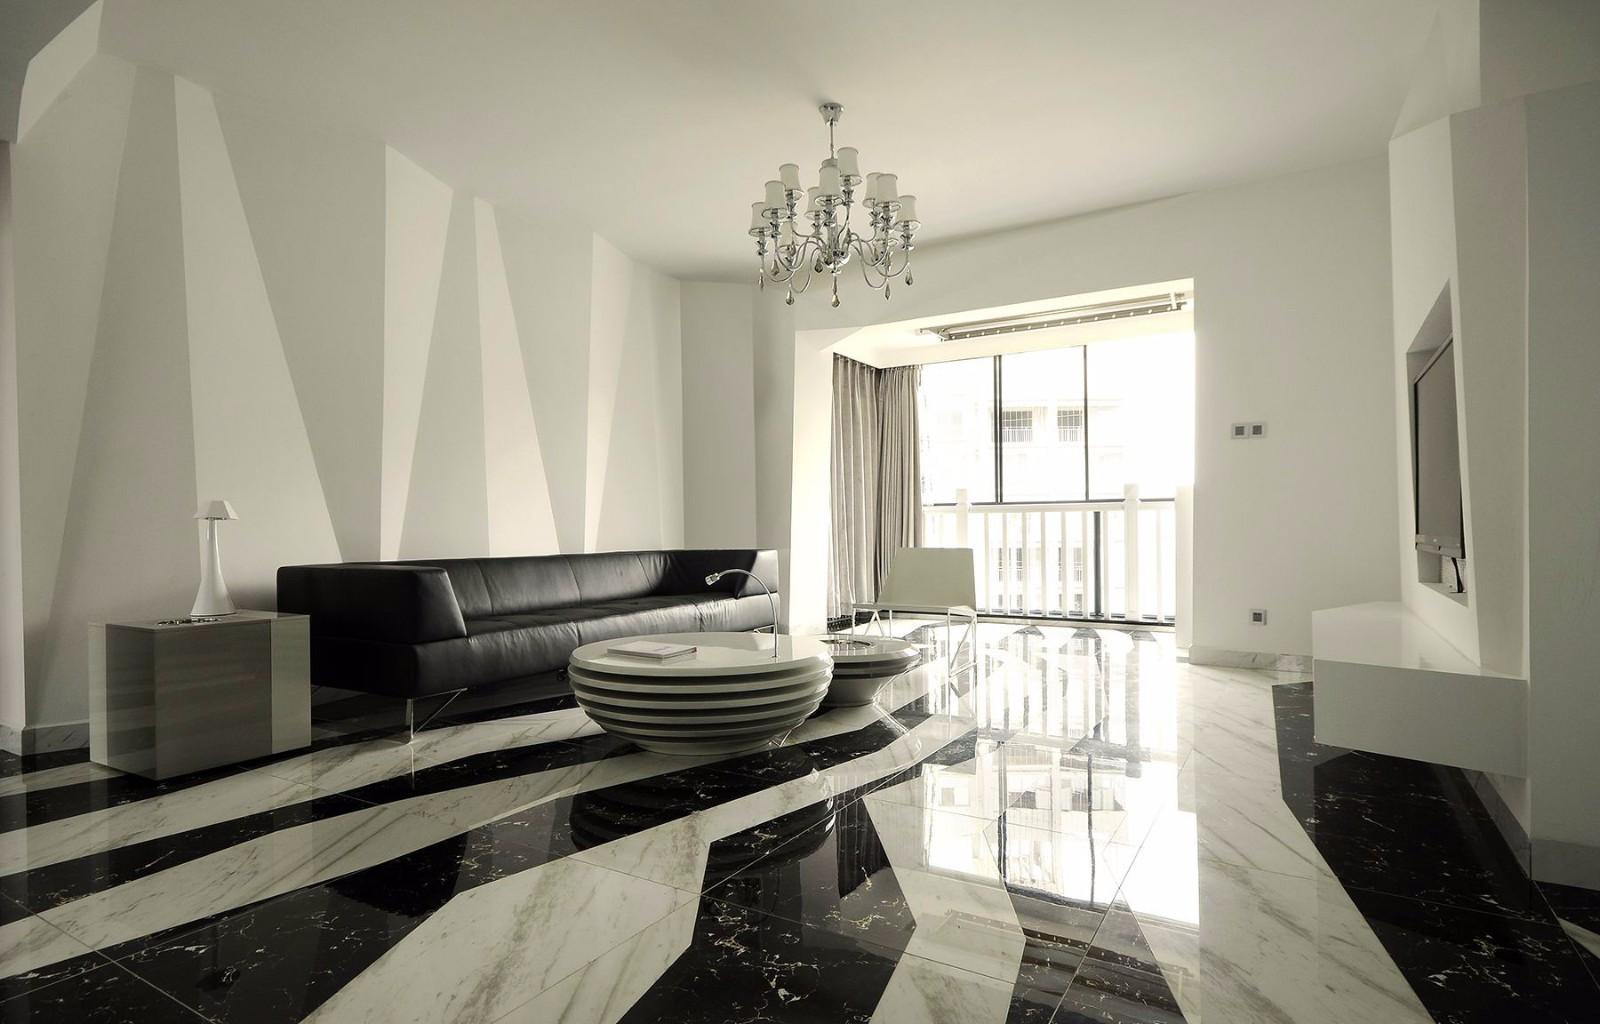 黑白简约现代风格客厅装修效果图